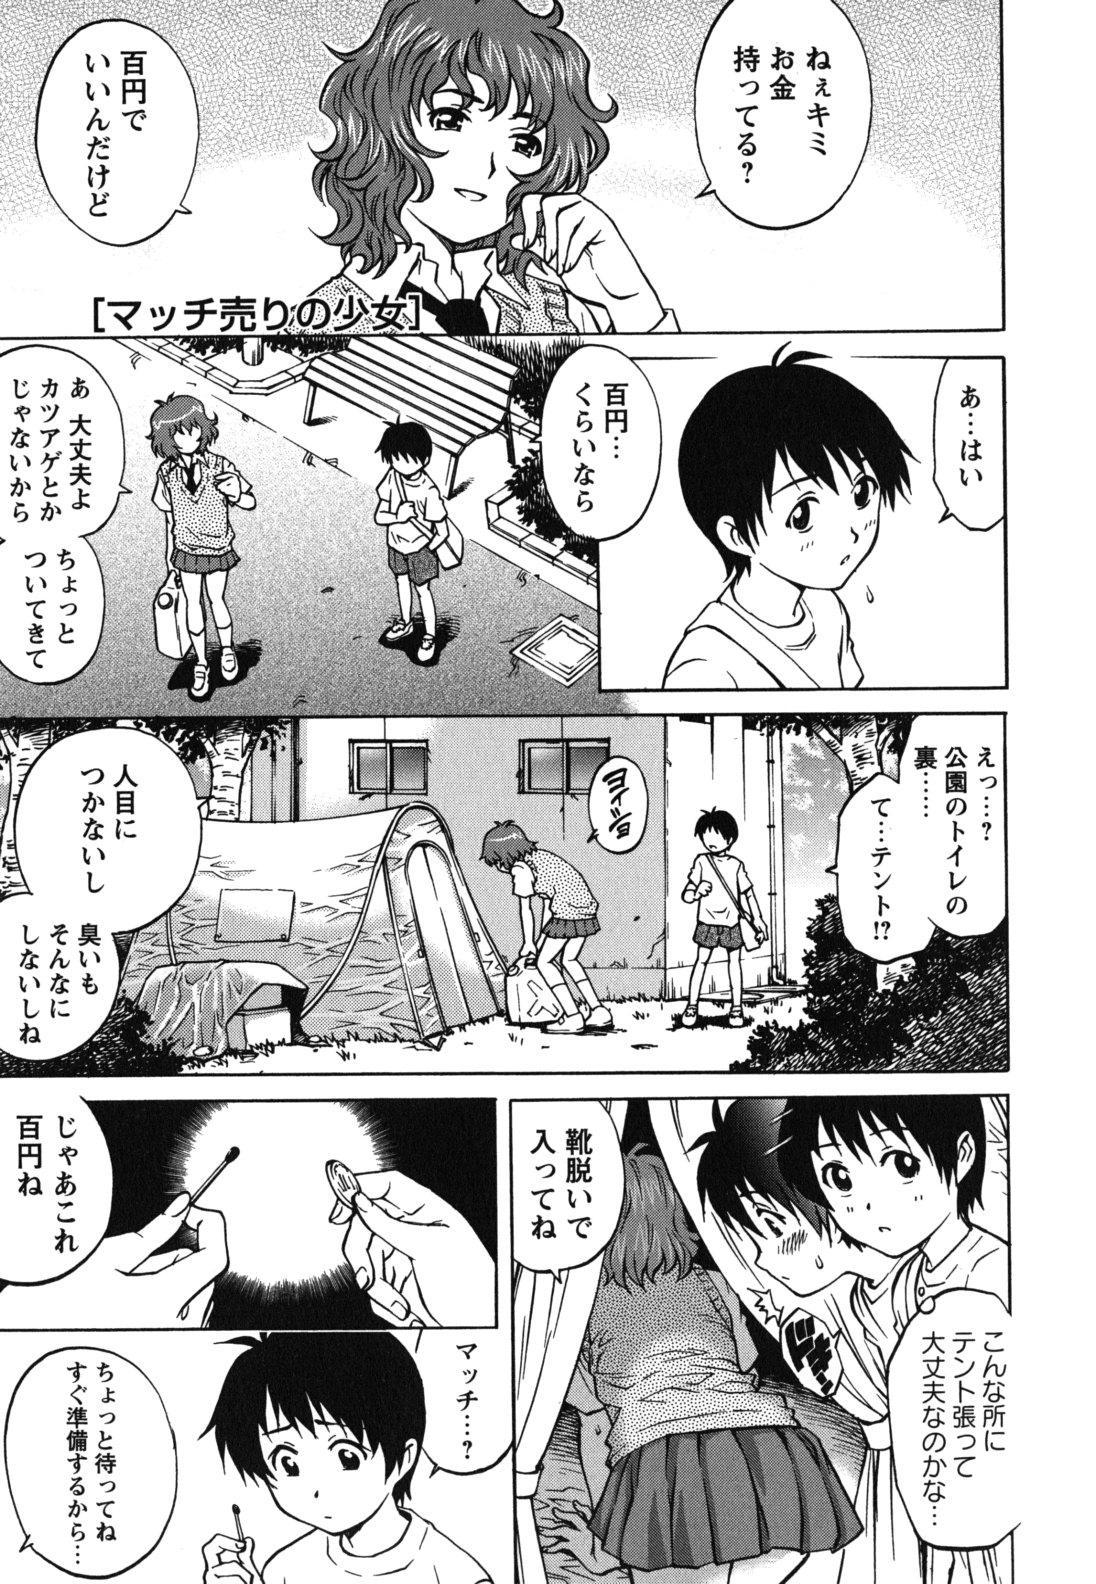 Hajimete no SEX 83